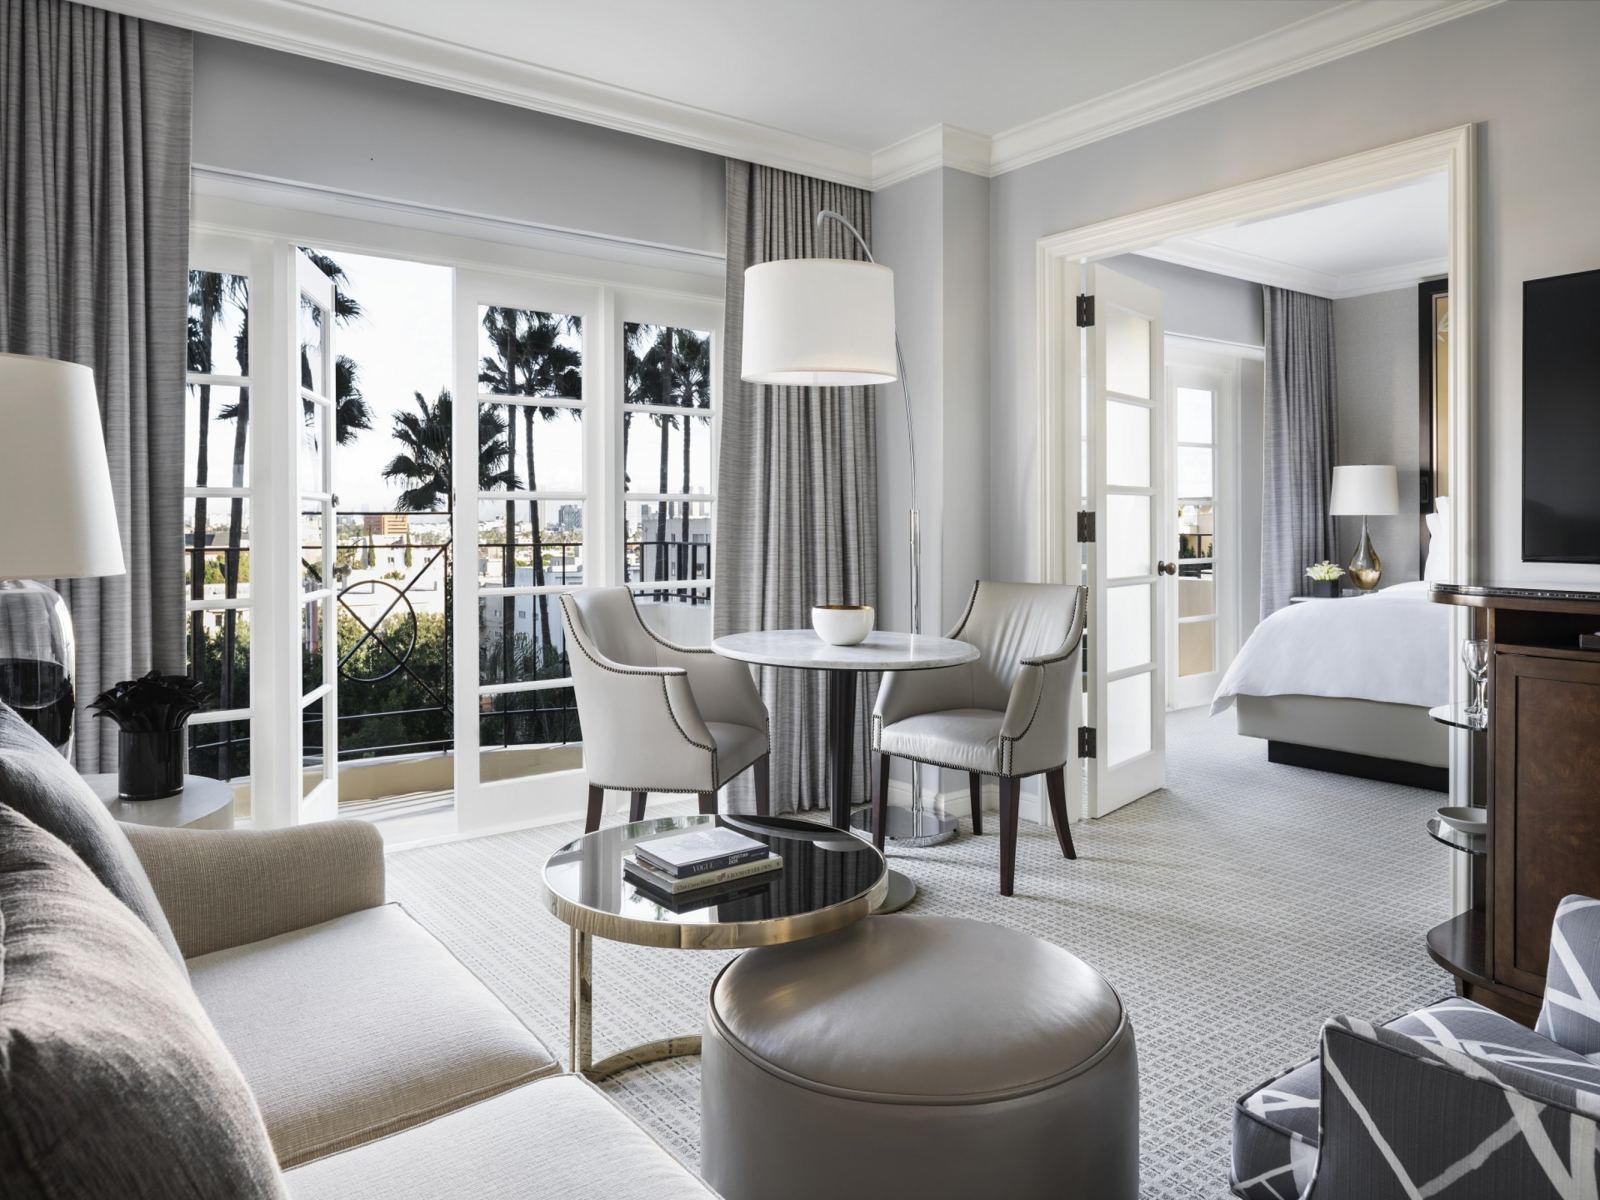 fs-la-bh-california-suite-living-room